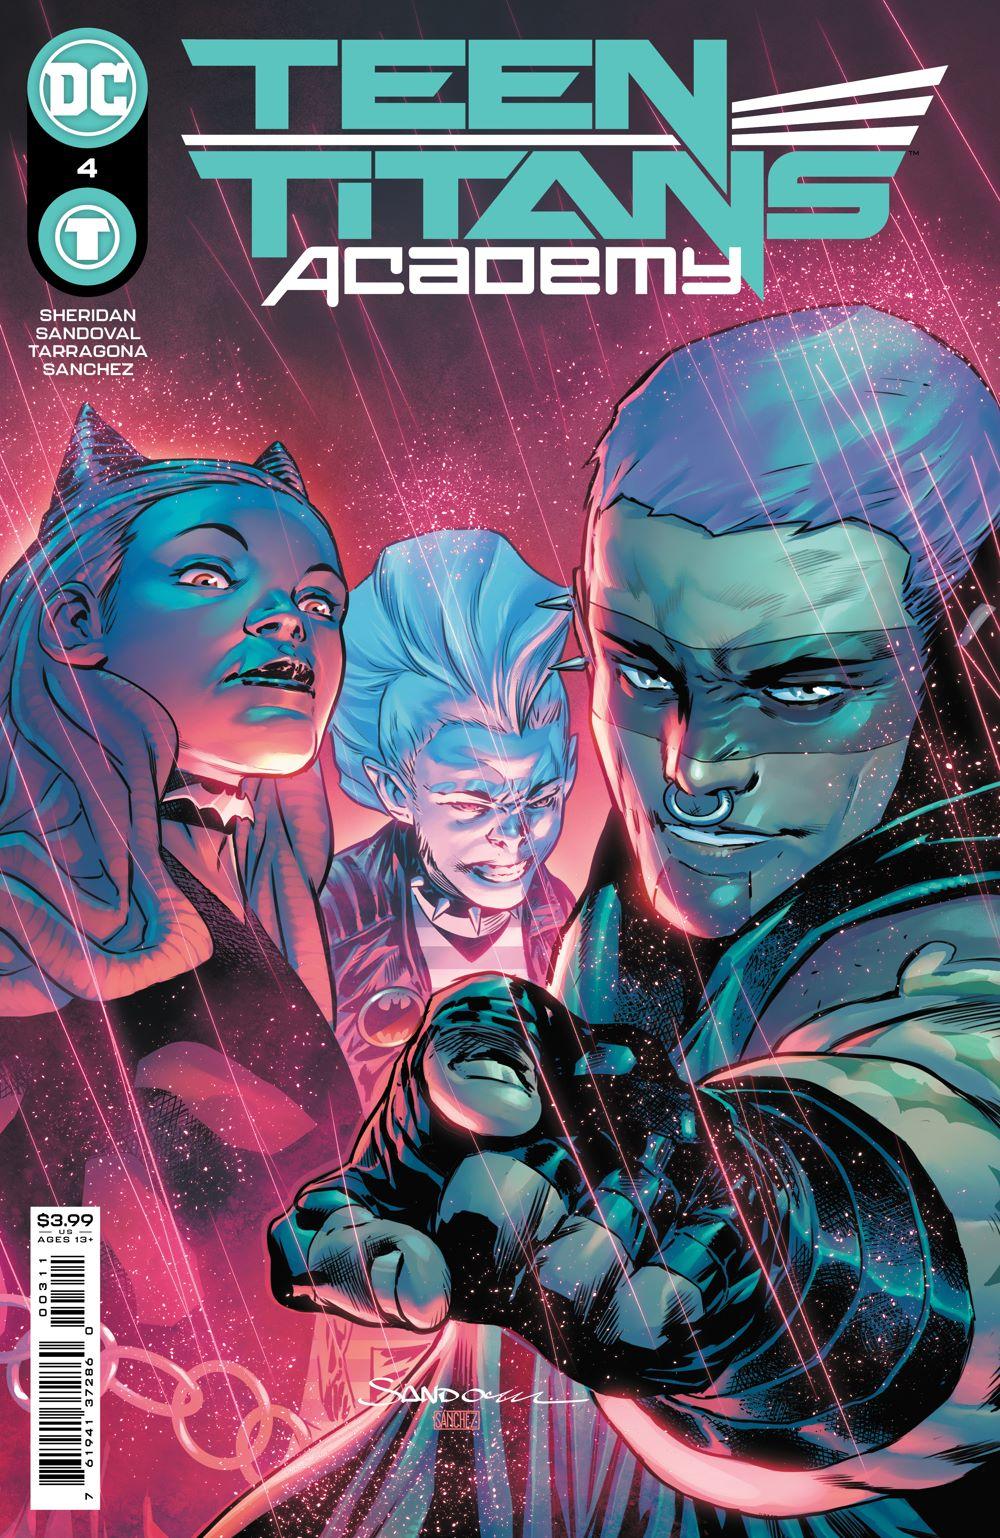 TT_ACADEMY_Cv4 DC Comics June 2021 Solicitations